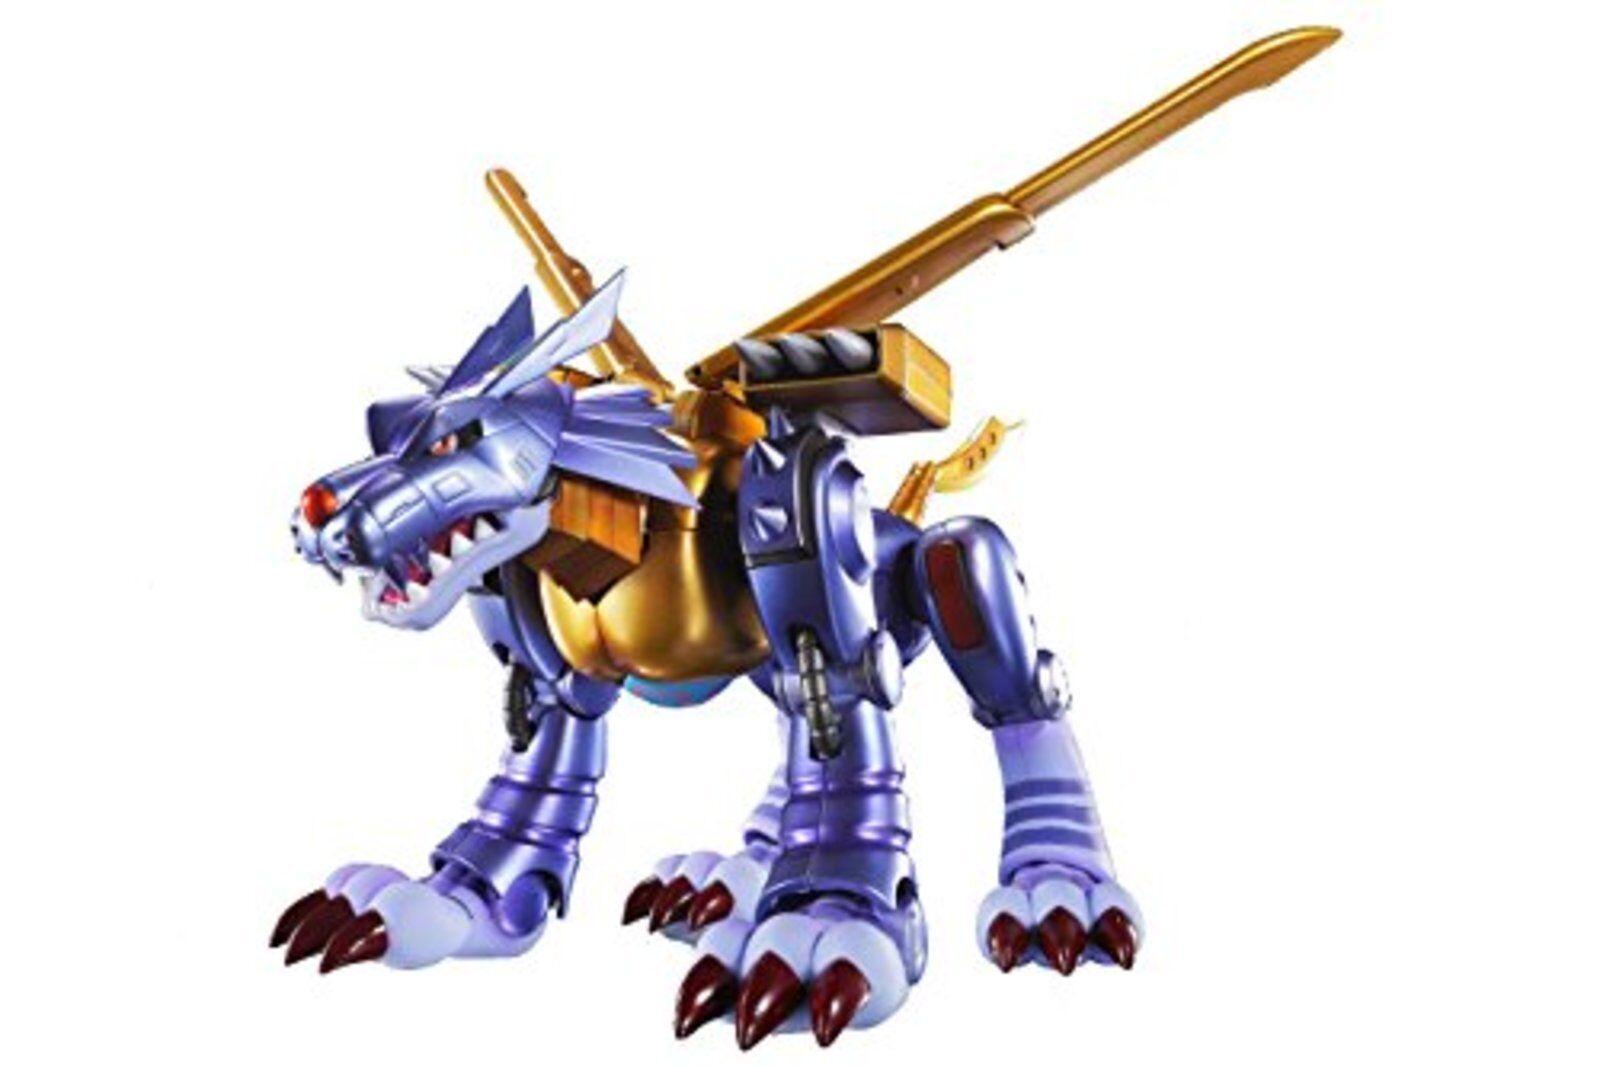 marca de lujo S. H. FIGUARTS Digimon Metal Garurumon Original de Diseñador Diseñador Diseñador Edición Figura F    las mejores marcas venden barato